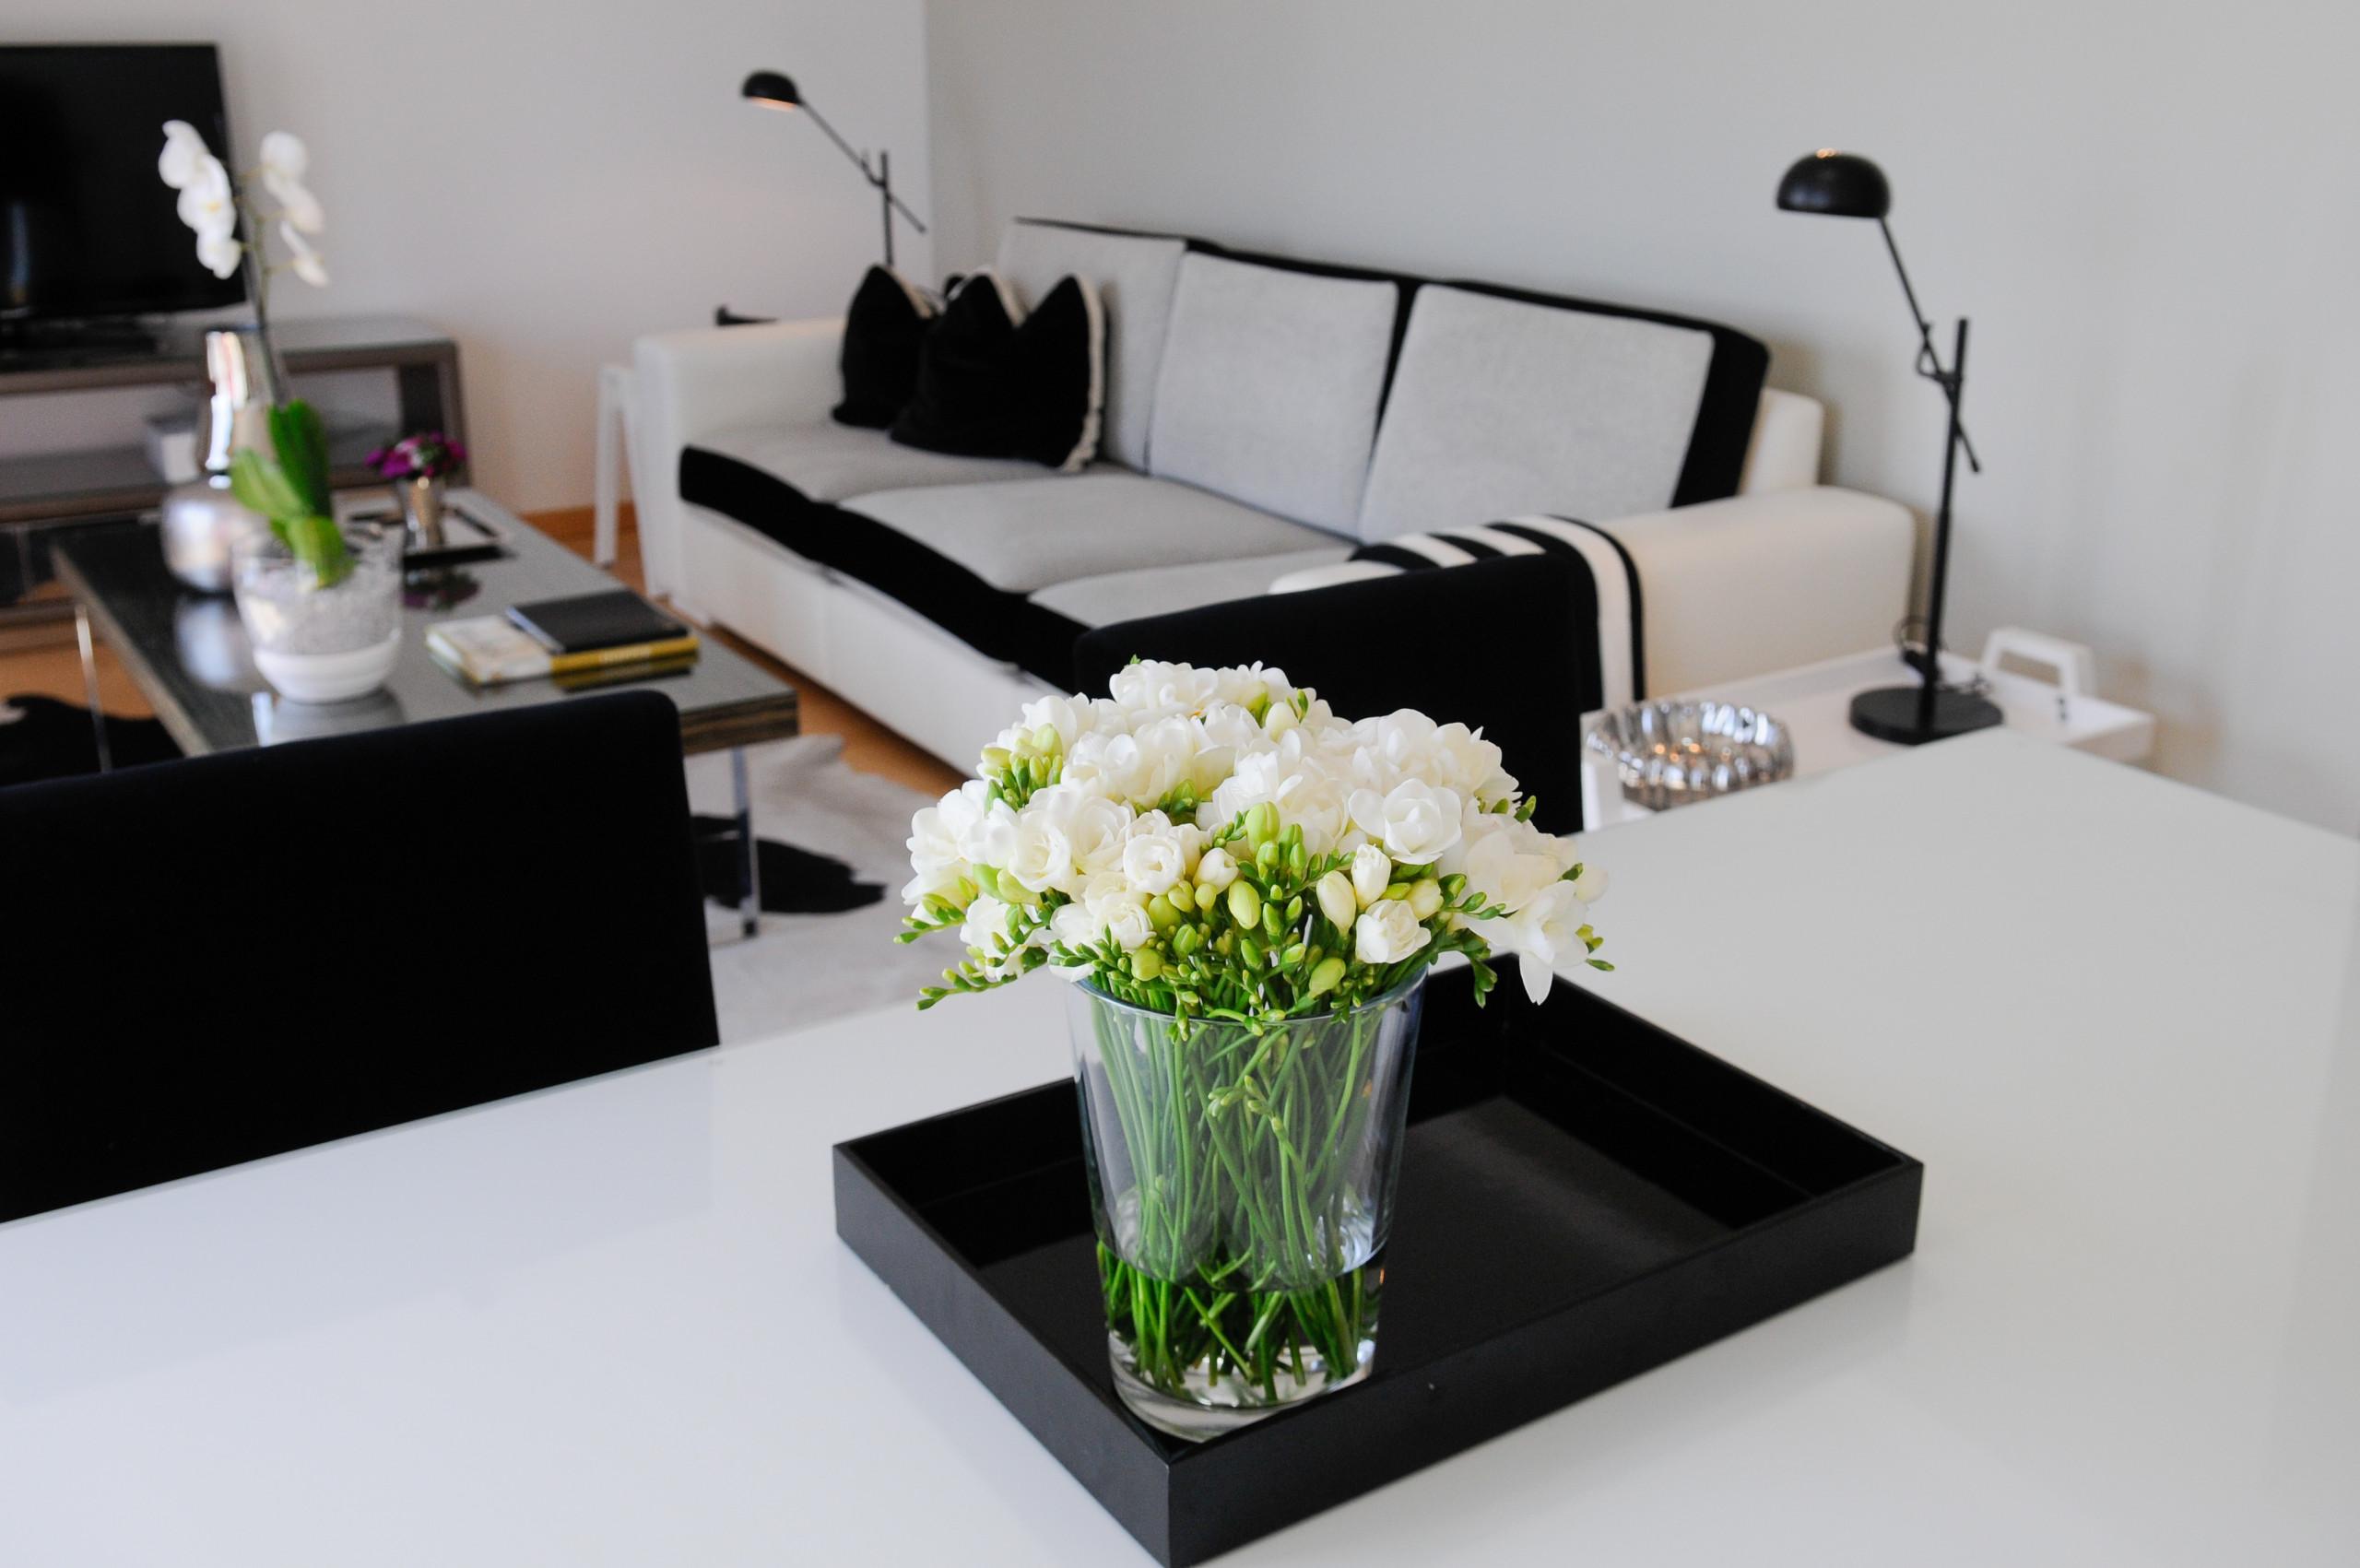 Apartamentos en lisboa apartamento de 2 dormitorios con for Alojamiento estancia 30m2